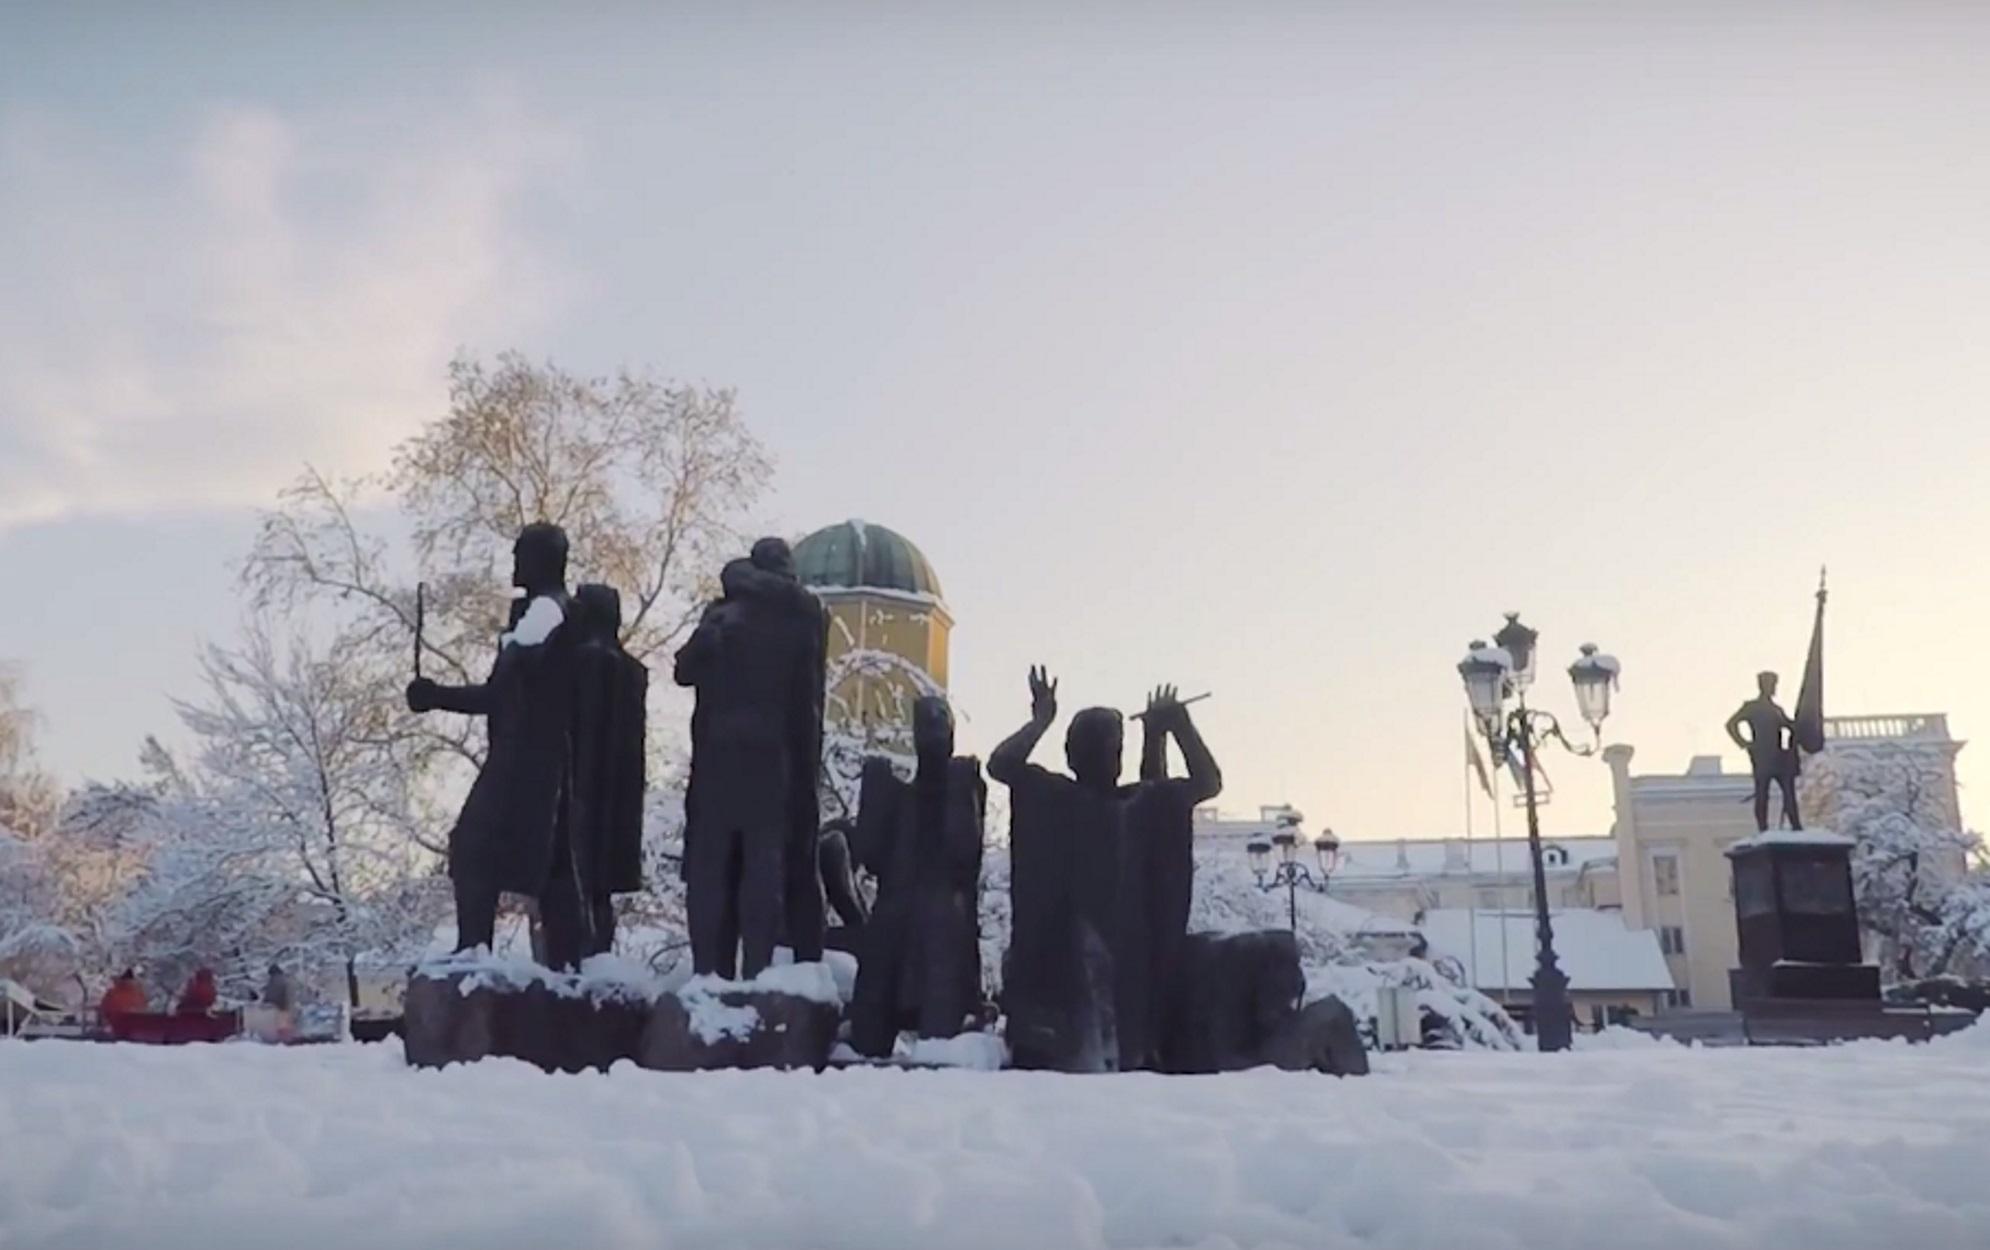 Βουλγαρία: Εντυπωσιακά γλυπτά από πάγο στο Ρούσε!